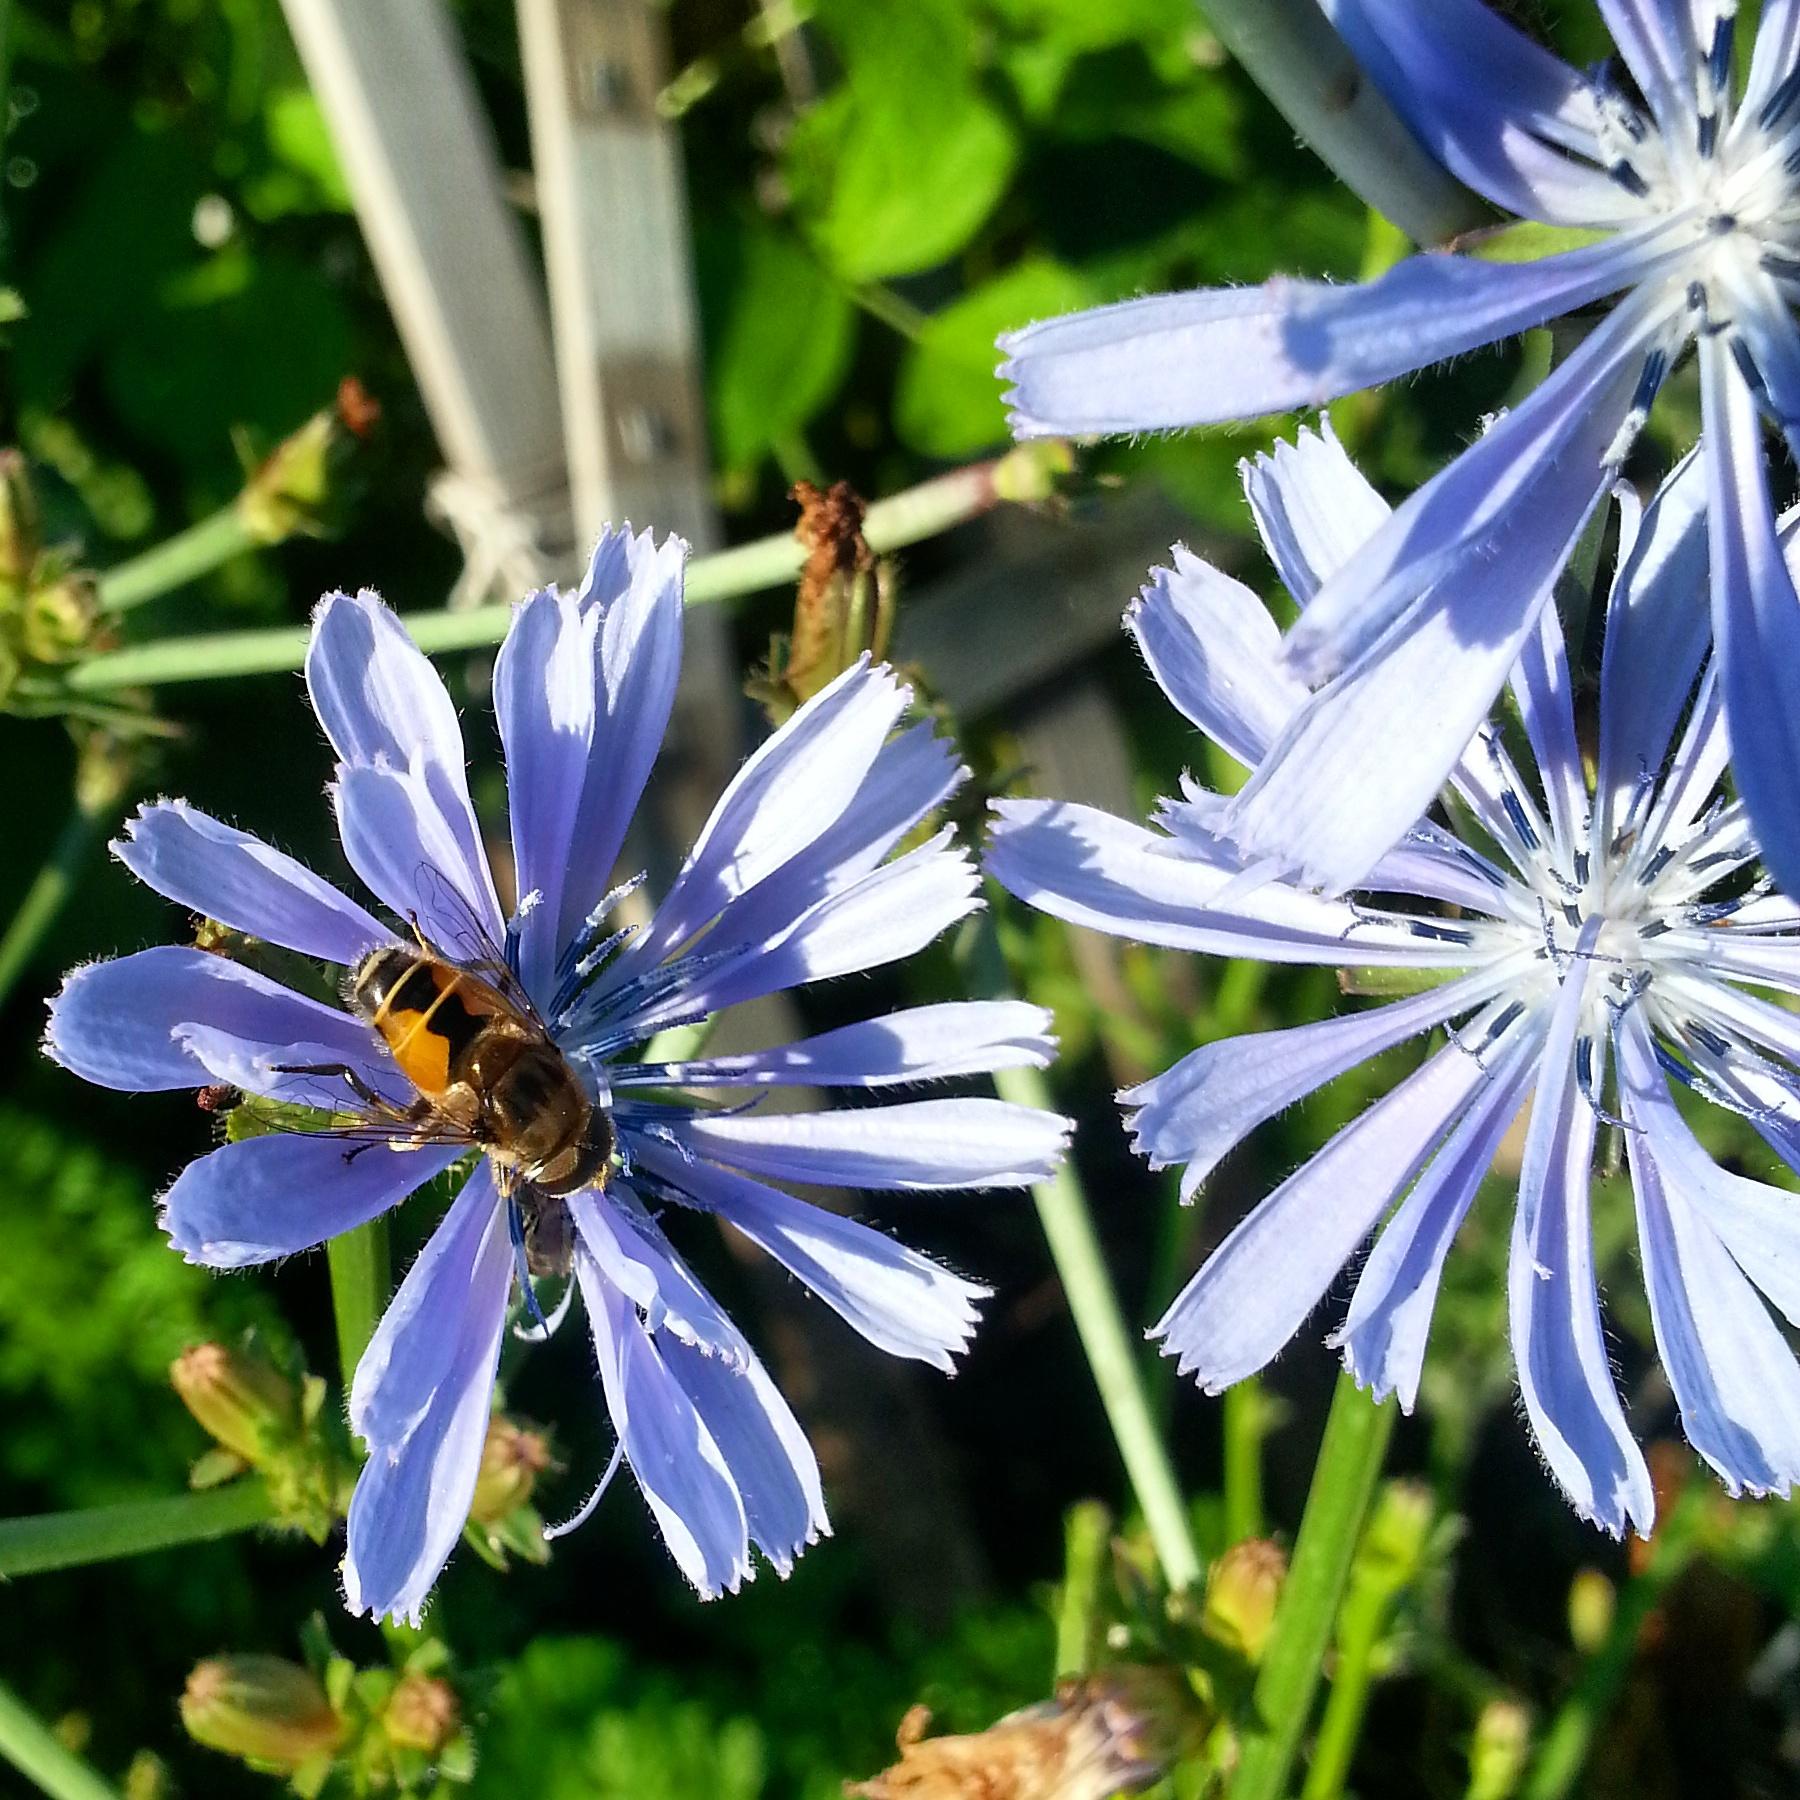 A happy bee enjoying a radicchio flower.